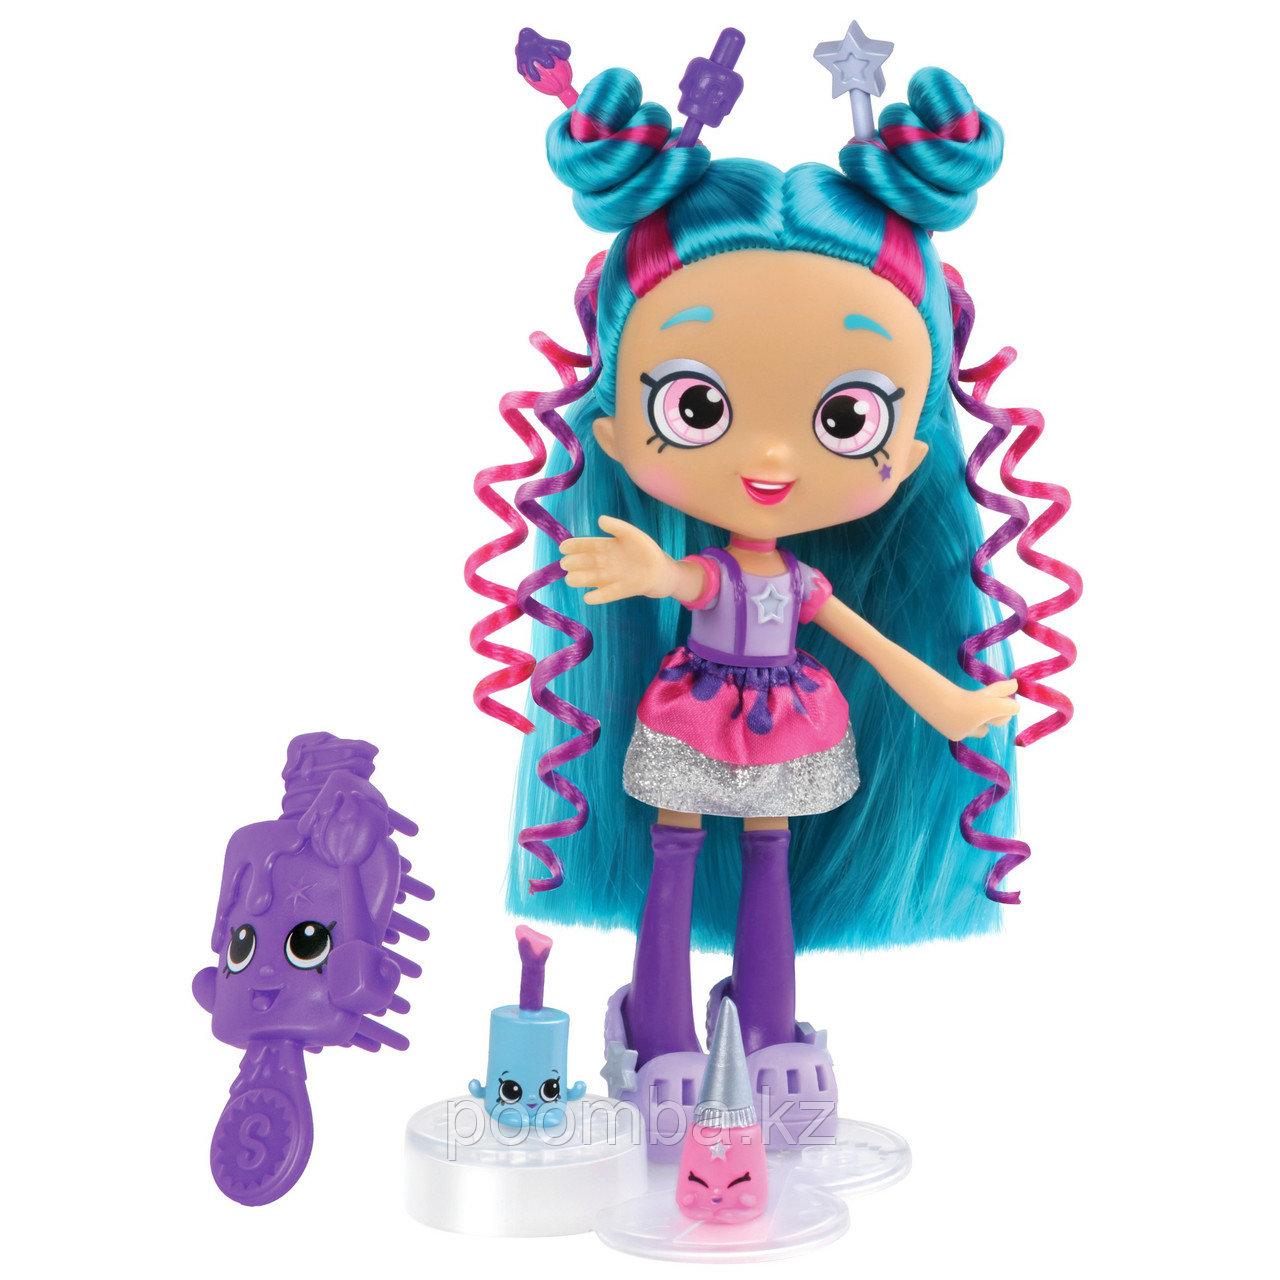 """Кукла """"Шопкинс Кукла """"Шопкинс Шоппиес: Цветочная"""" - Полли Полиш, 15 см"""